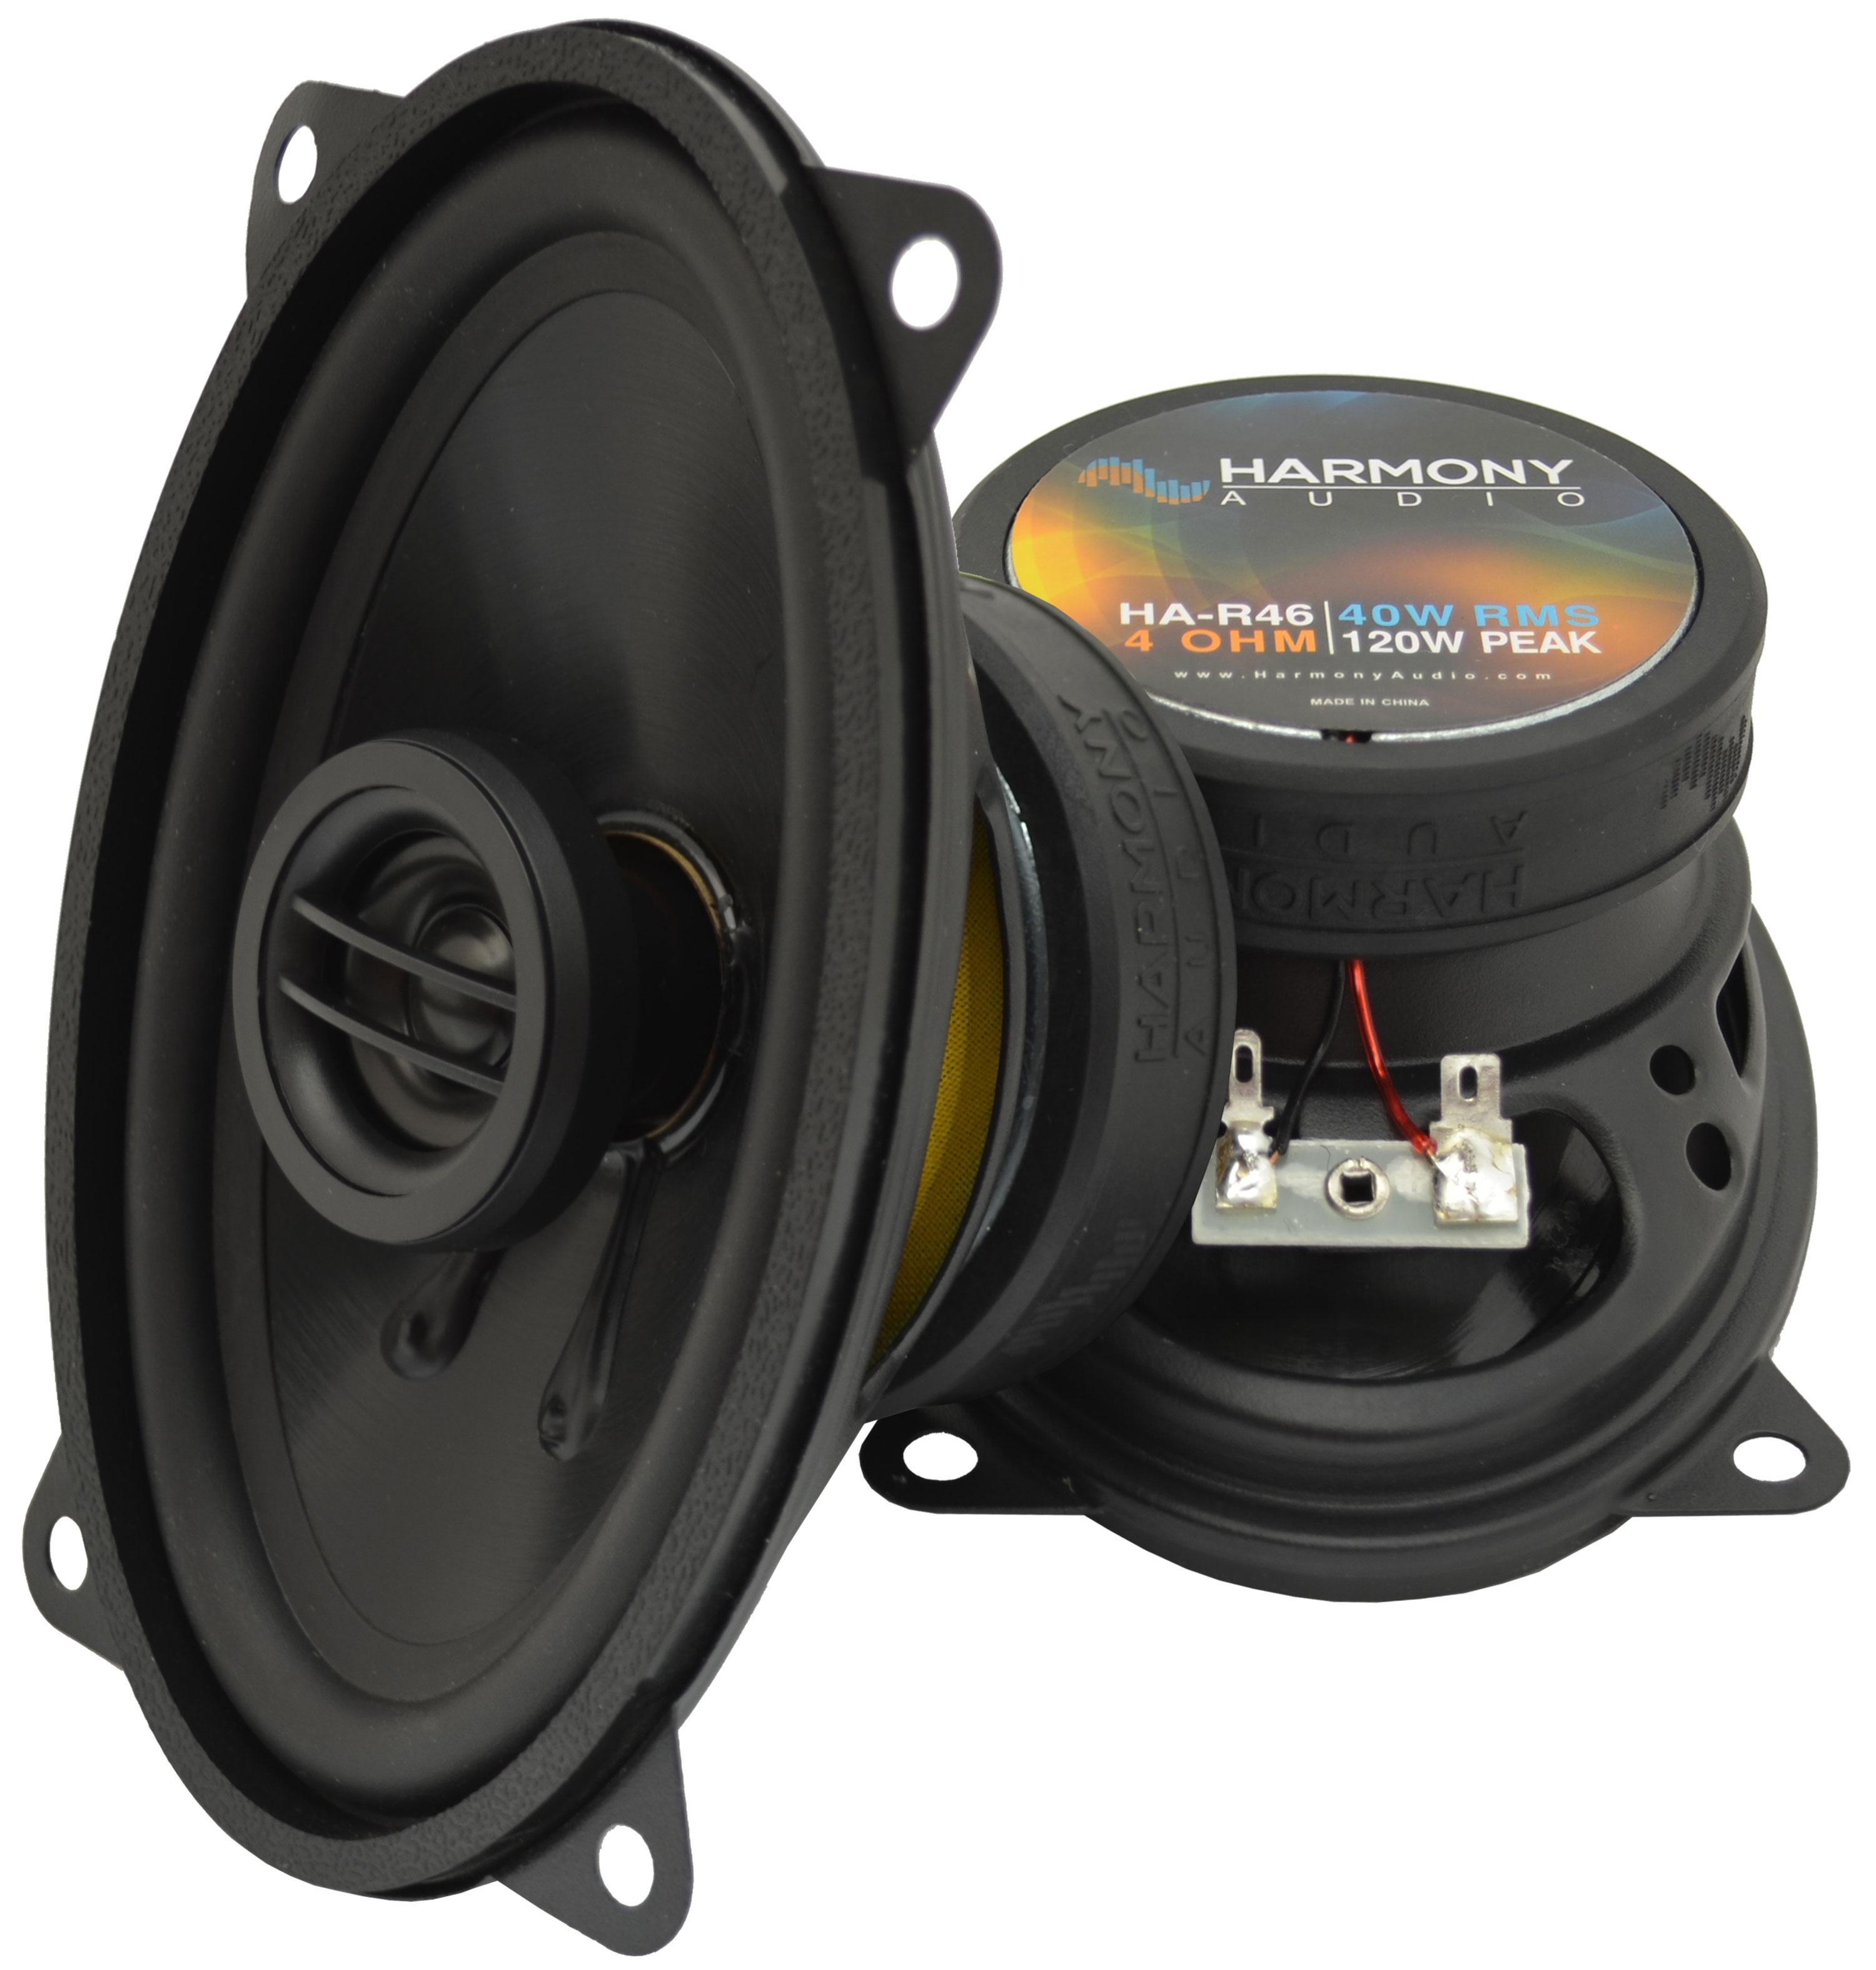 Fits Oldsmobile Alero 1999-2000 Front Door Replacement Speaker HA-R46 Speakers